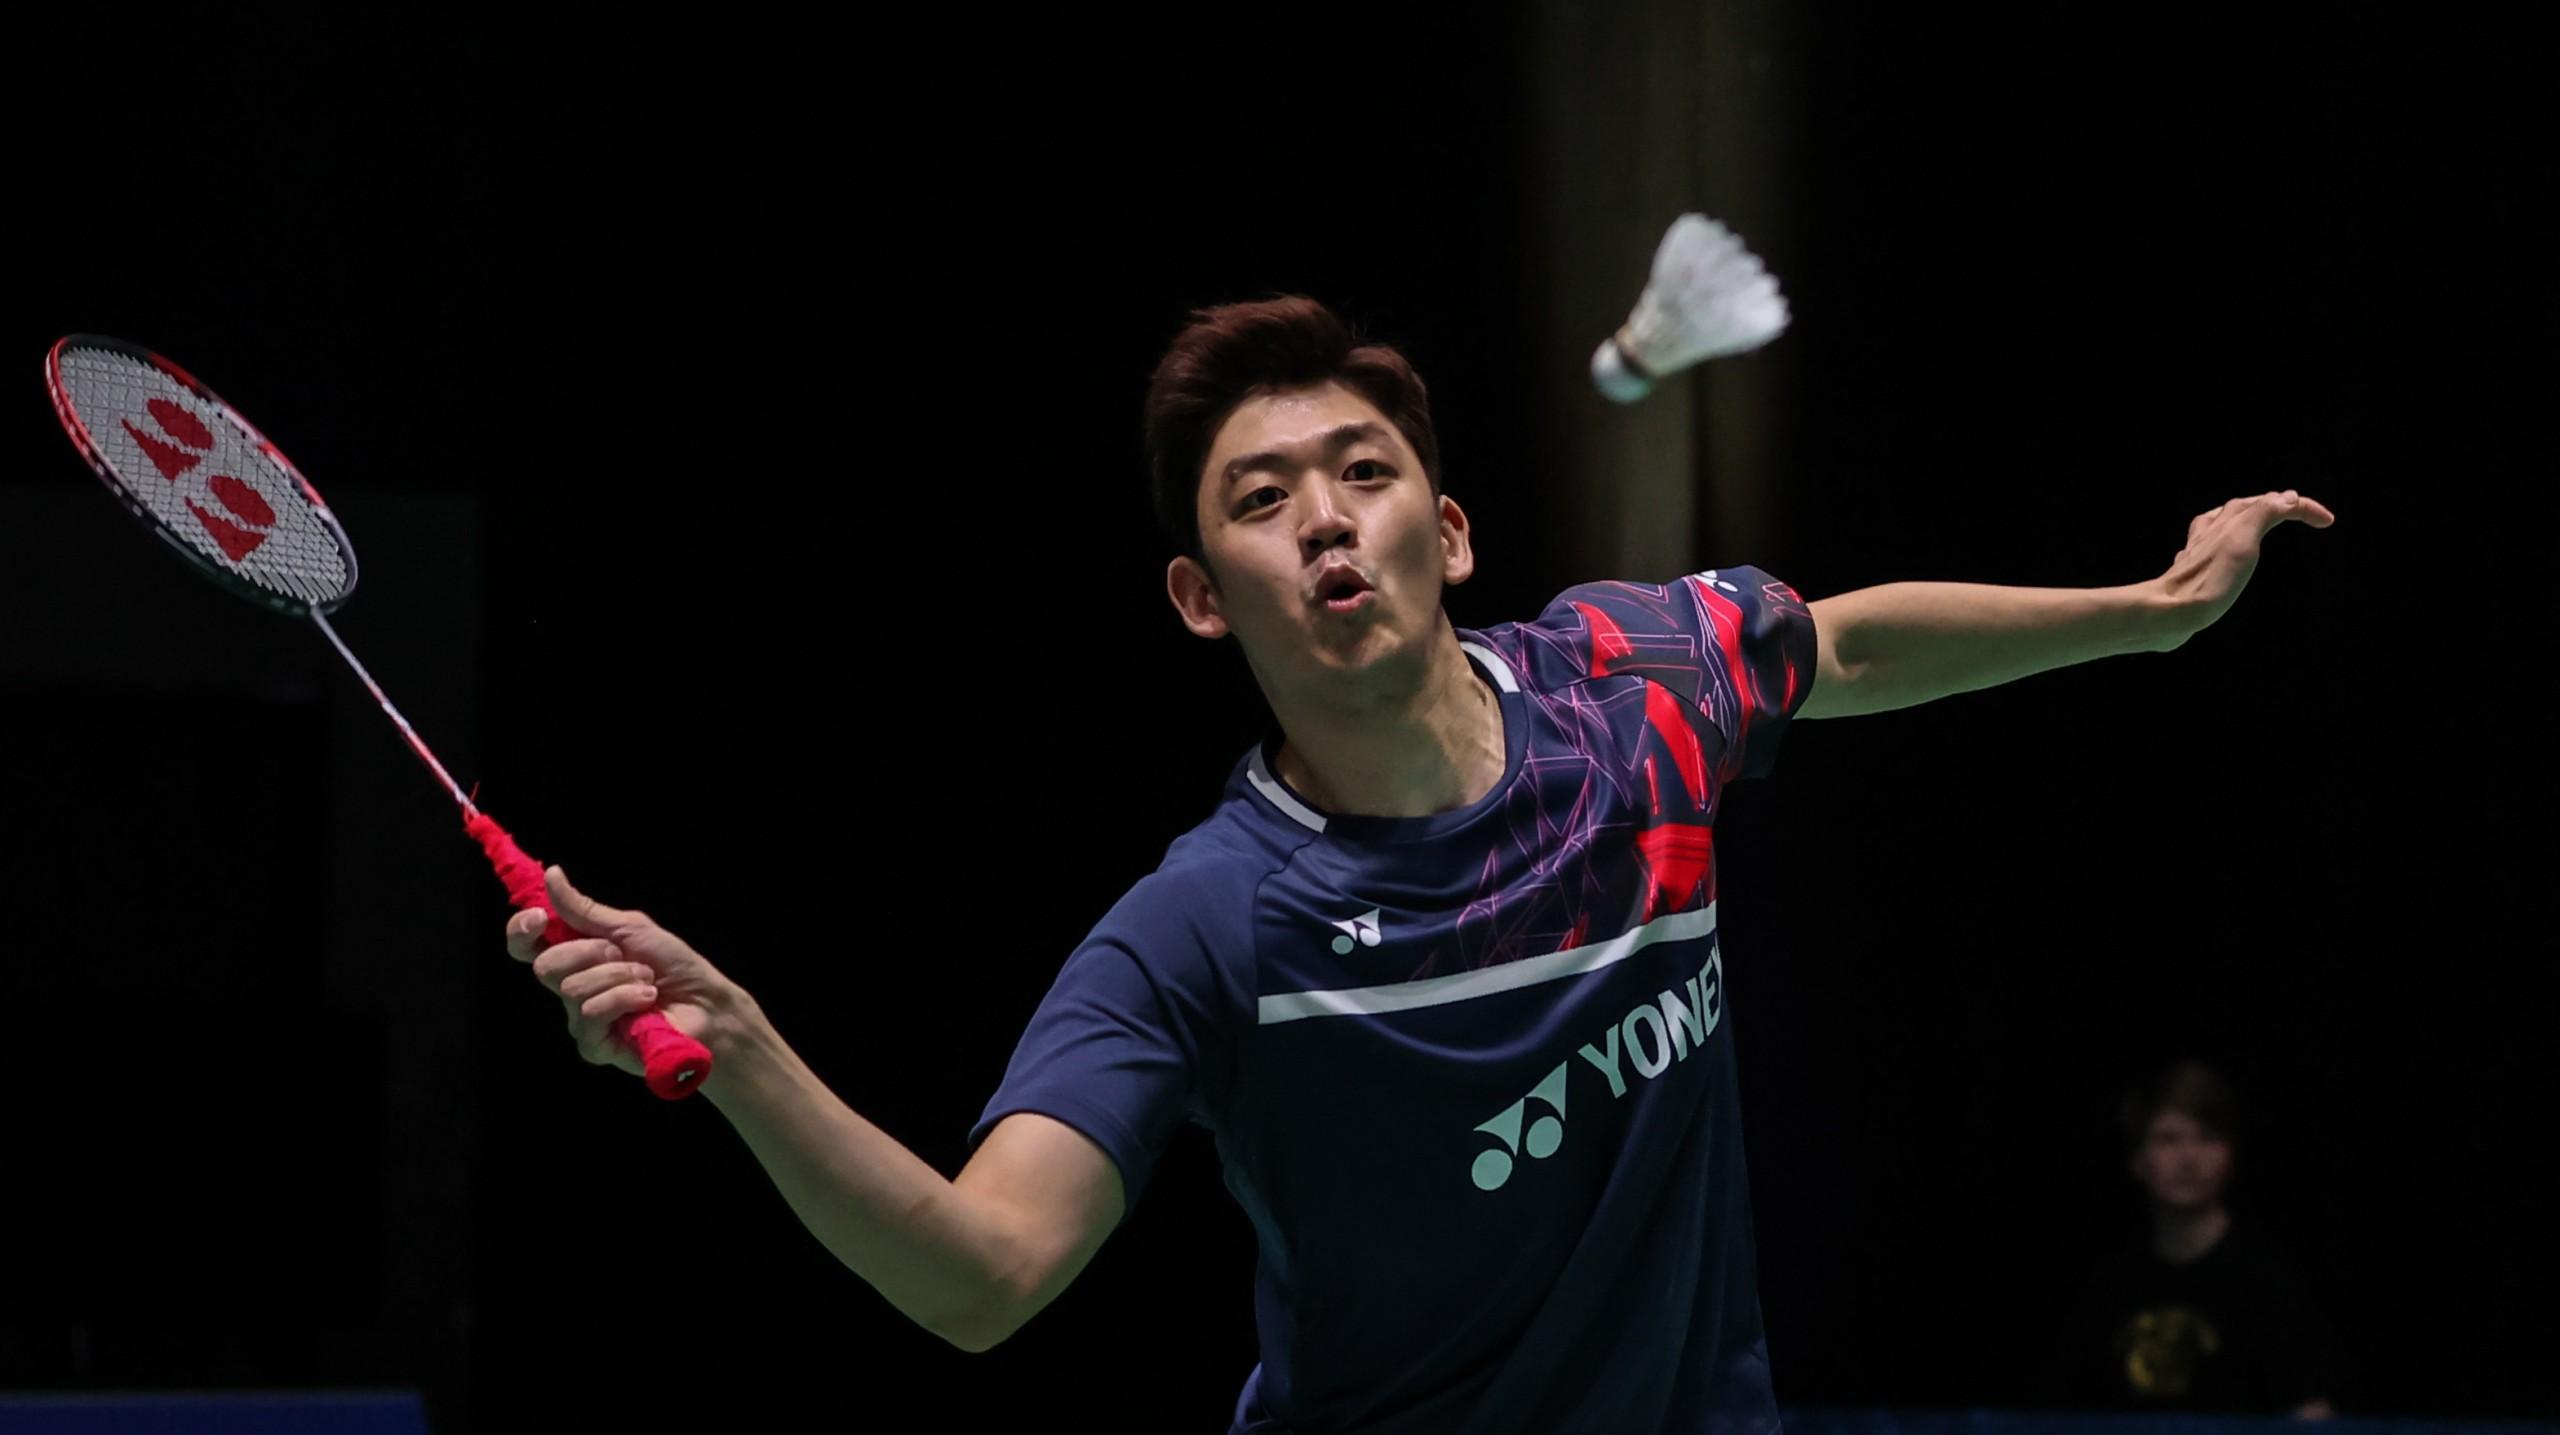 Genius in Action: Lee Yong Dae